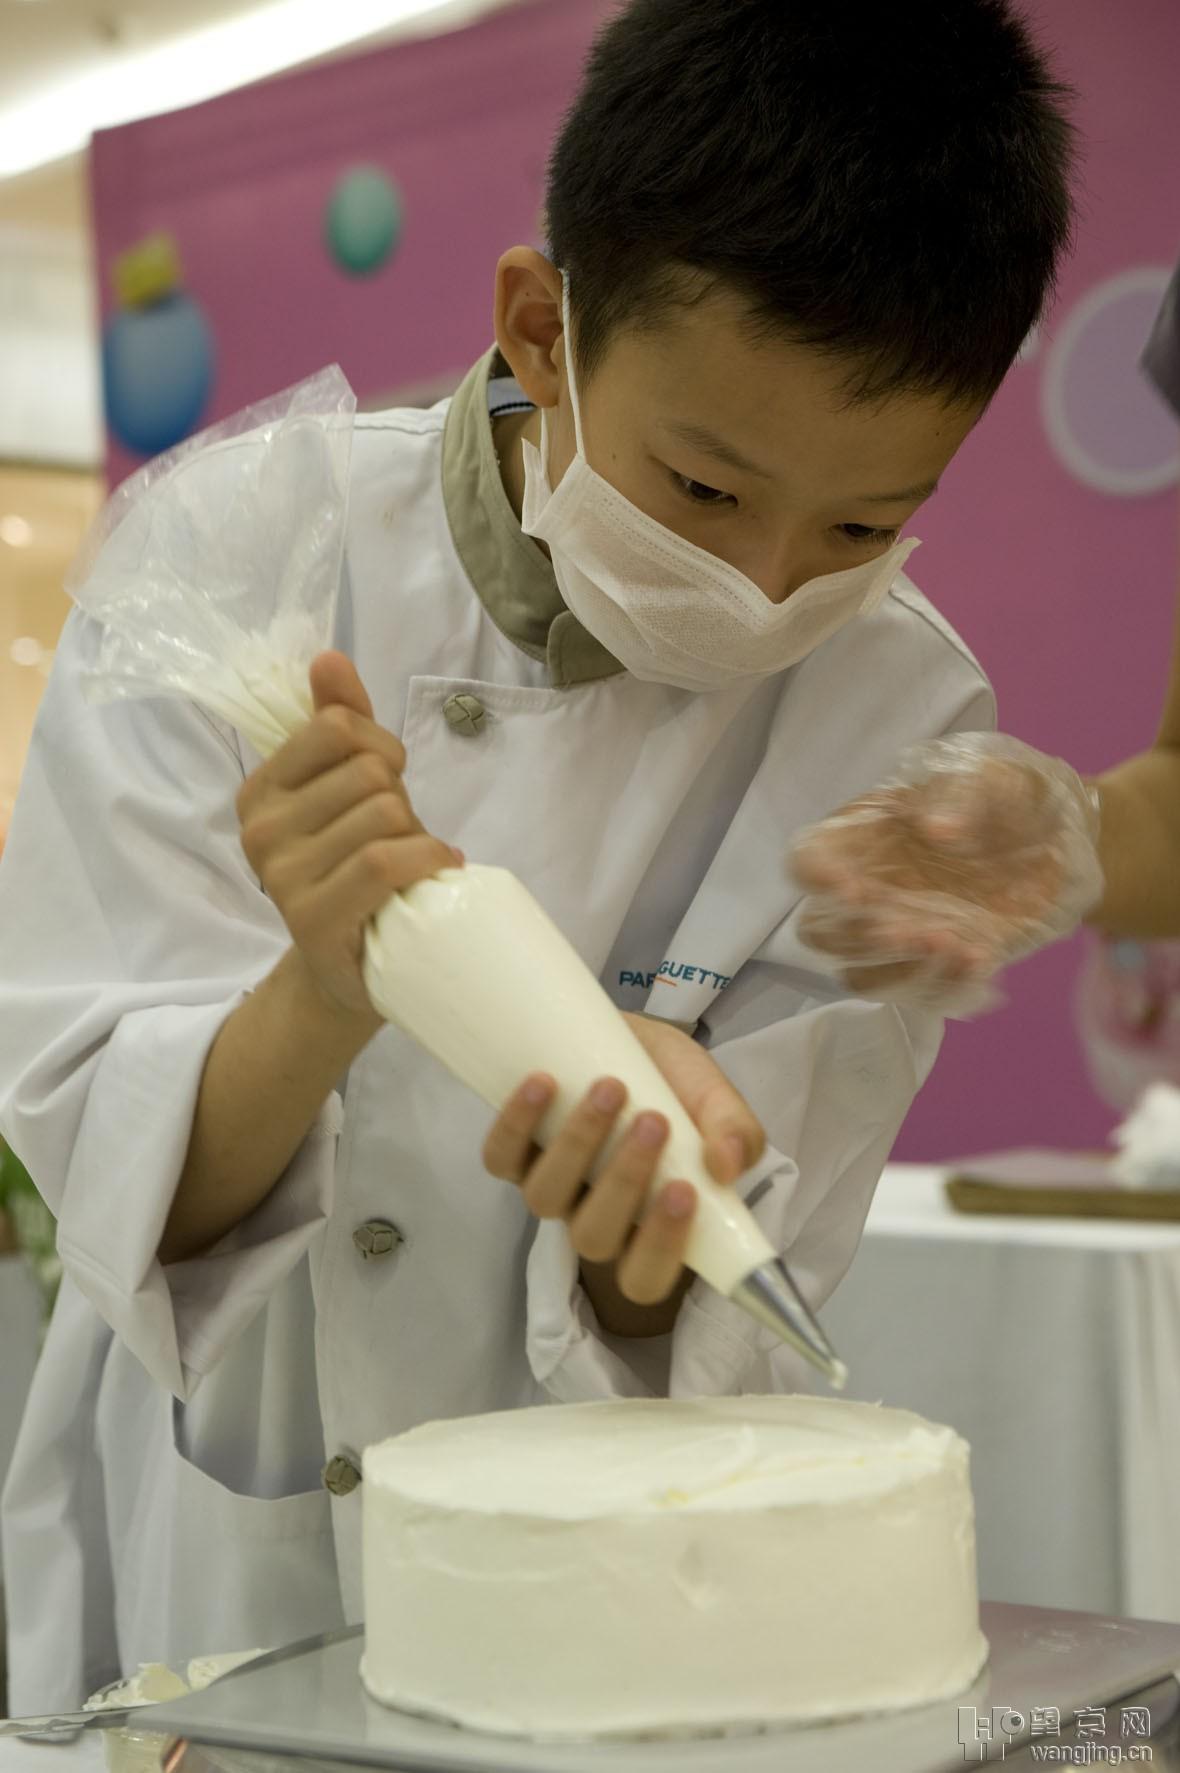 凯德6周年 童星闪耀,巴黎贝甜蛋糕教室活动花絮 高清图片